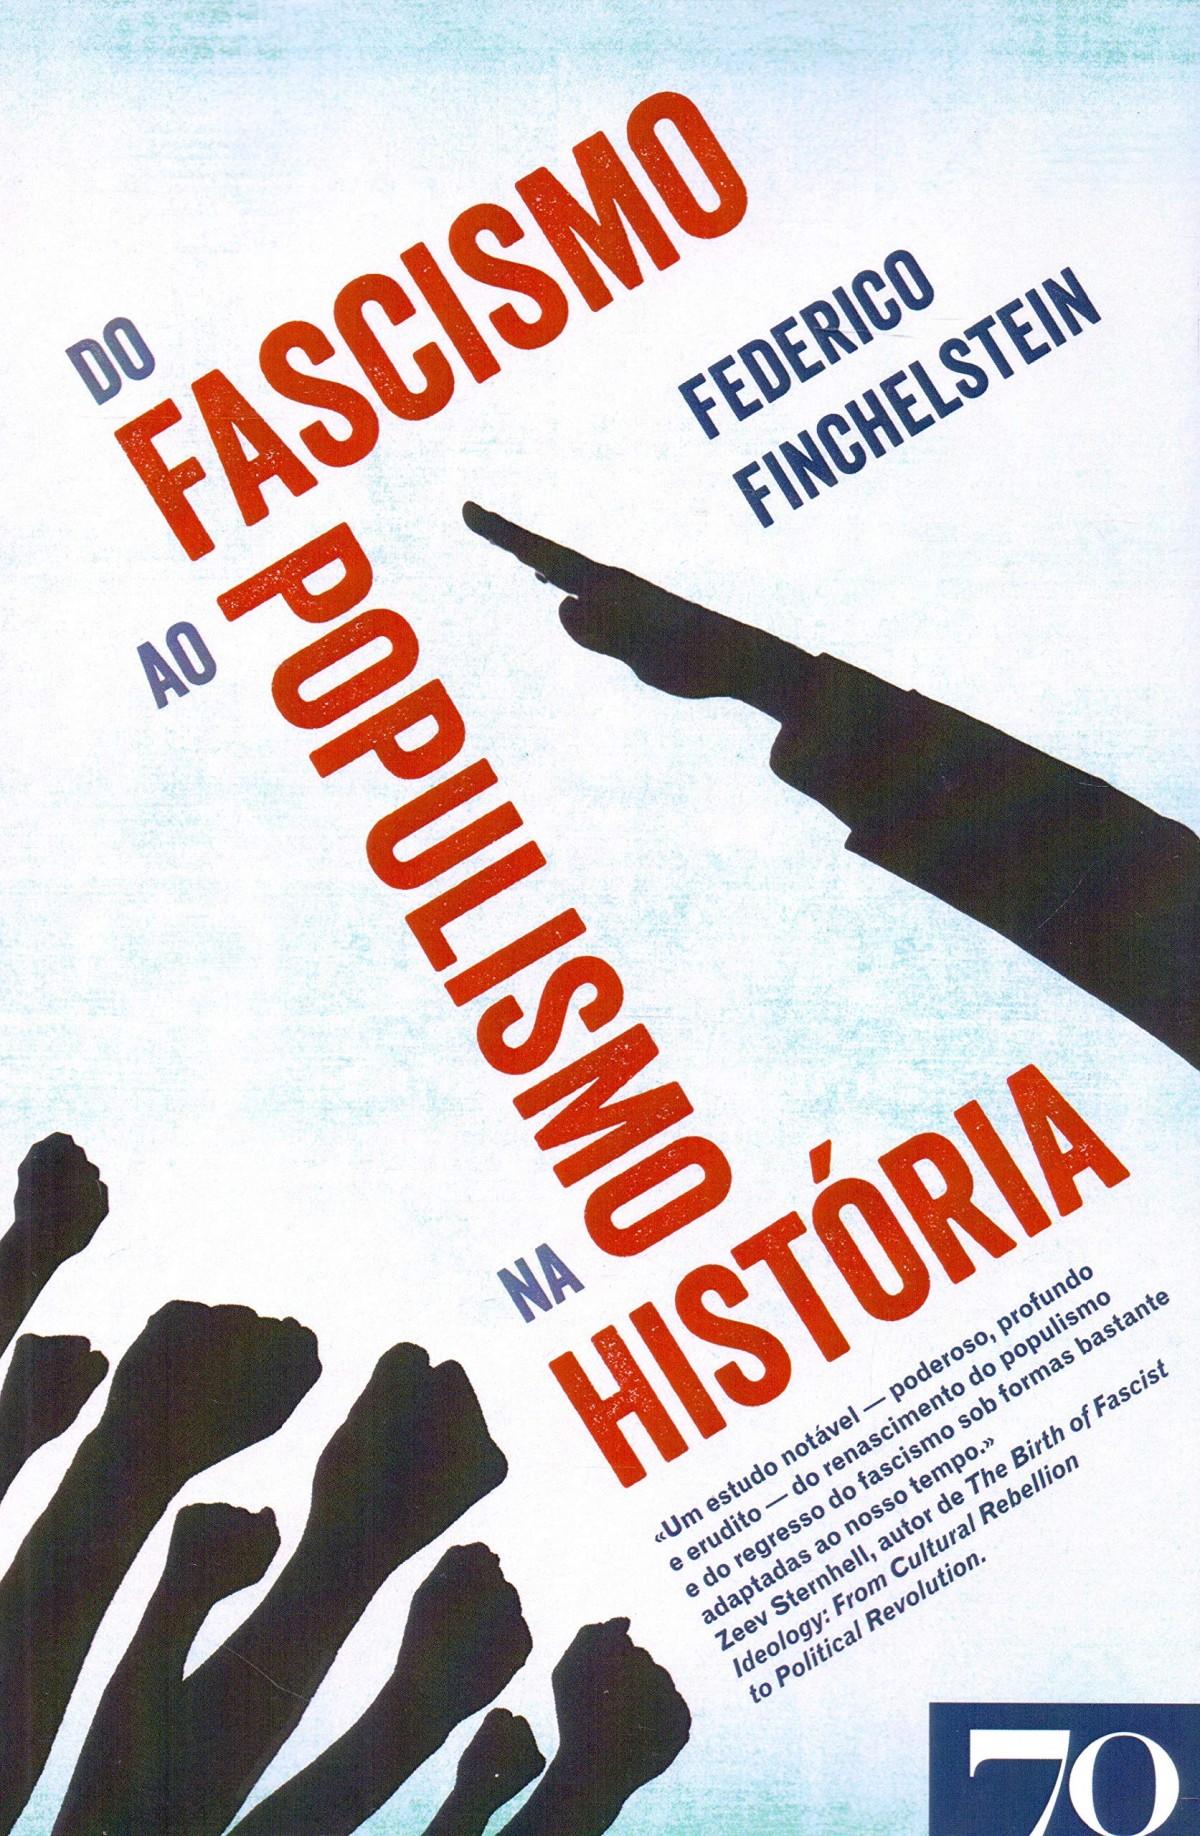 Foto 1 - Do fascismo ao populismo na história